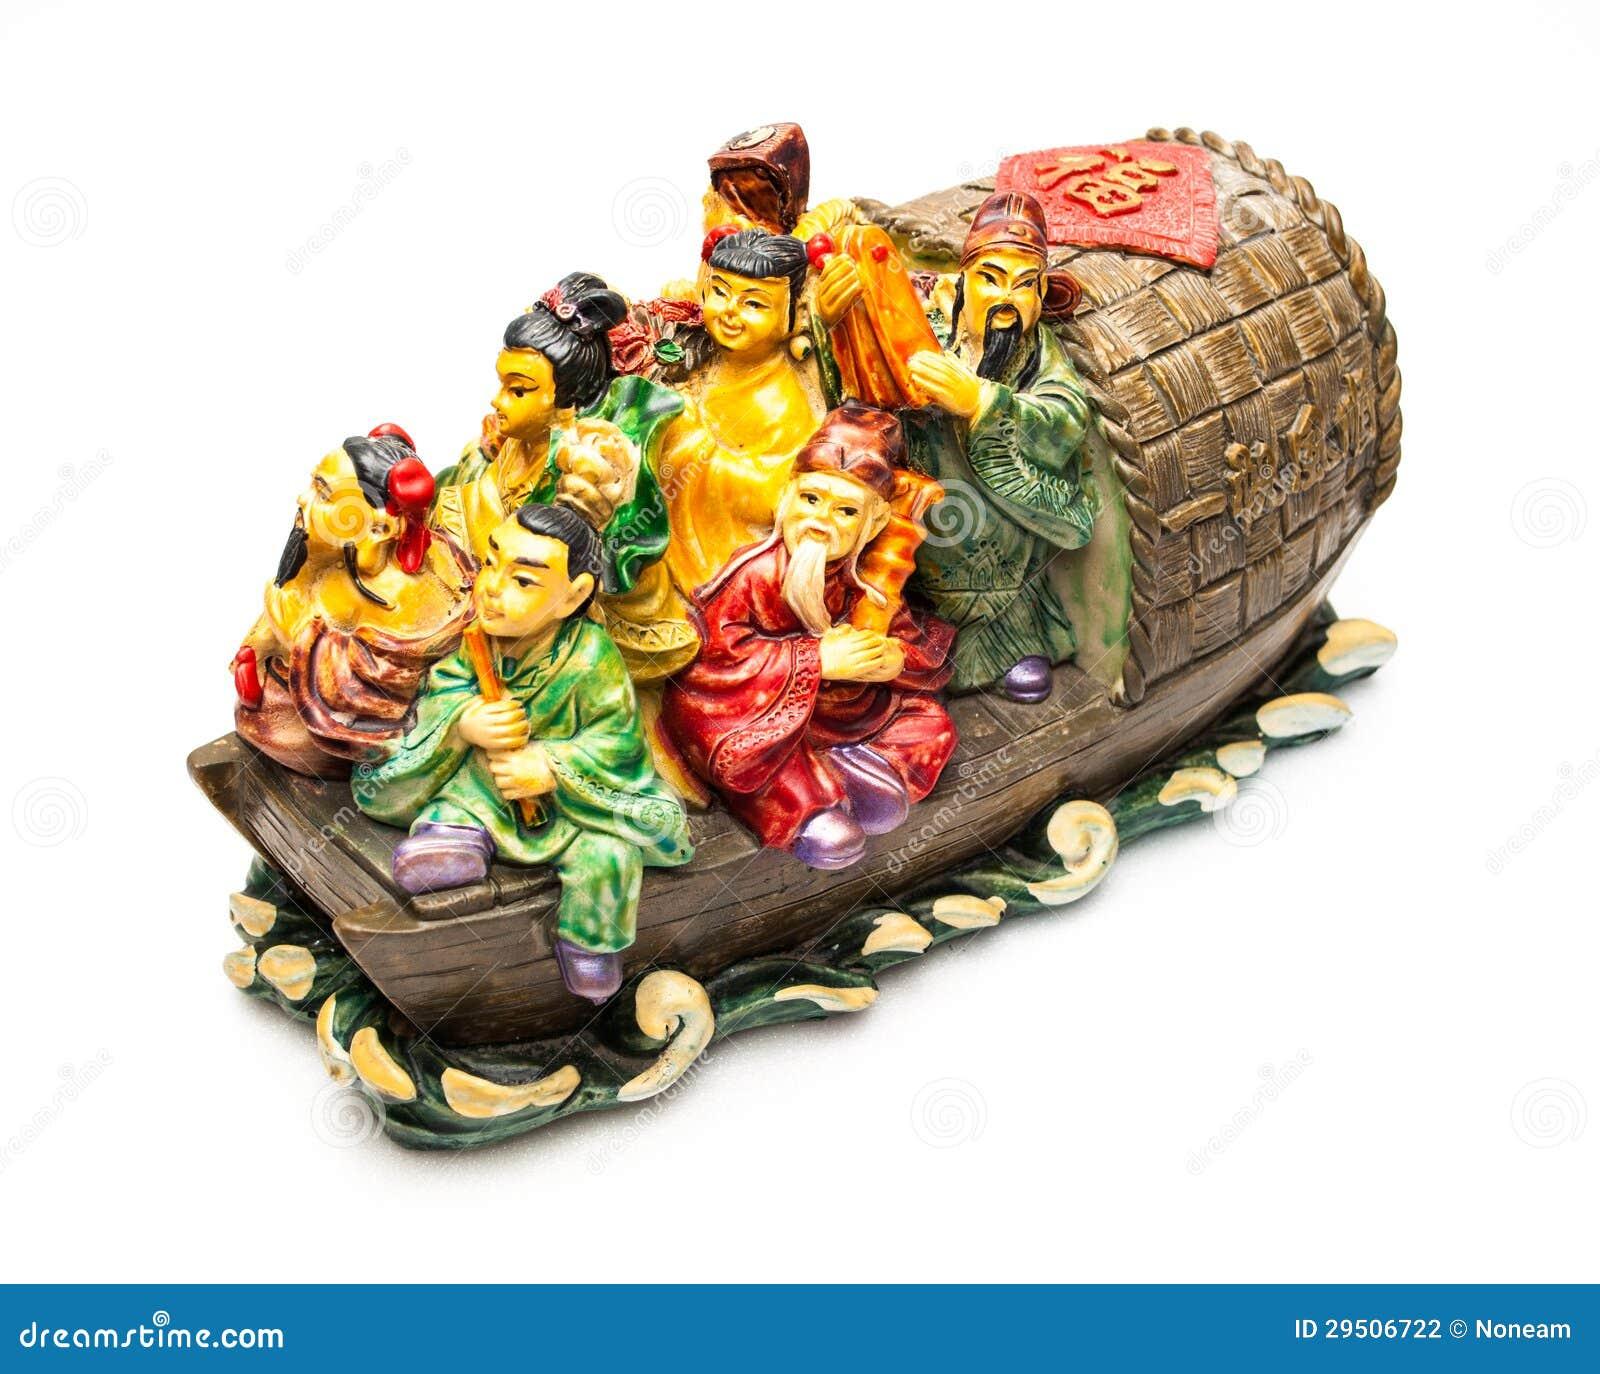 Onsterfelijk van Chinese Verhalen in Boeddhisme op de boot Chinese Grote Meesters in Boeddhisme op de boot